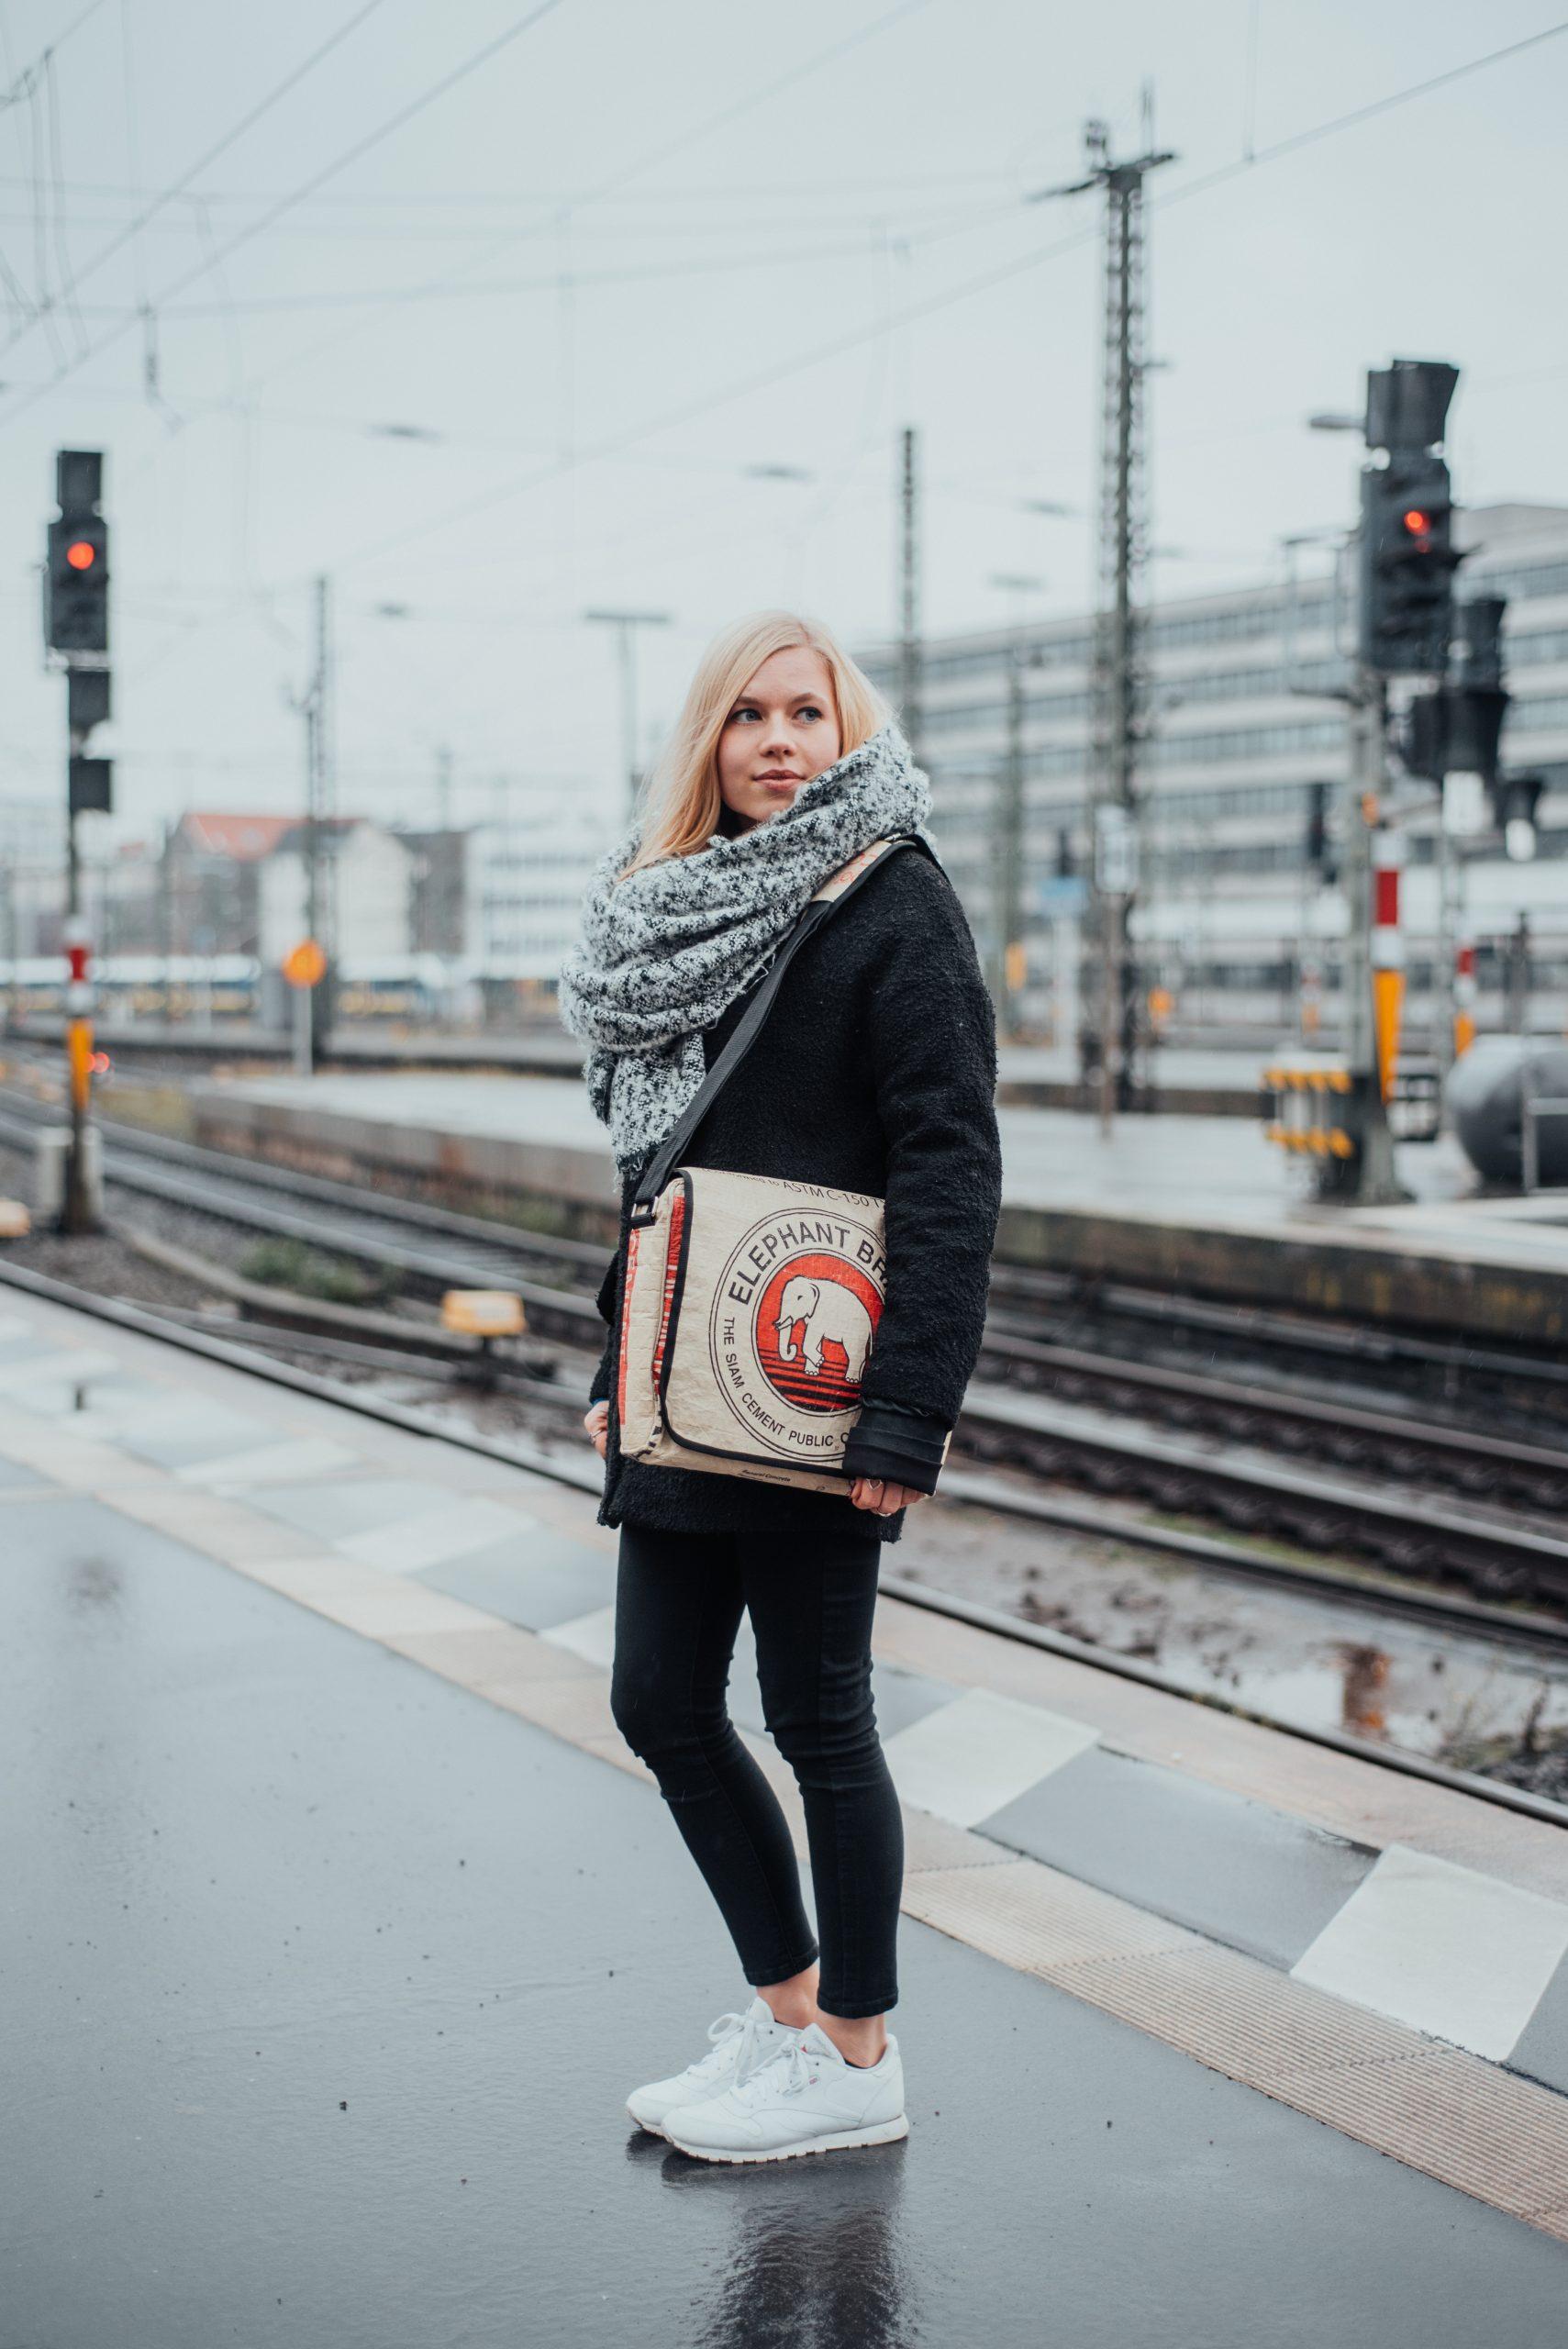 Frau mit Tasche auf Bahnsteig